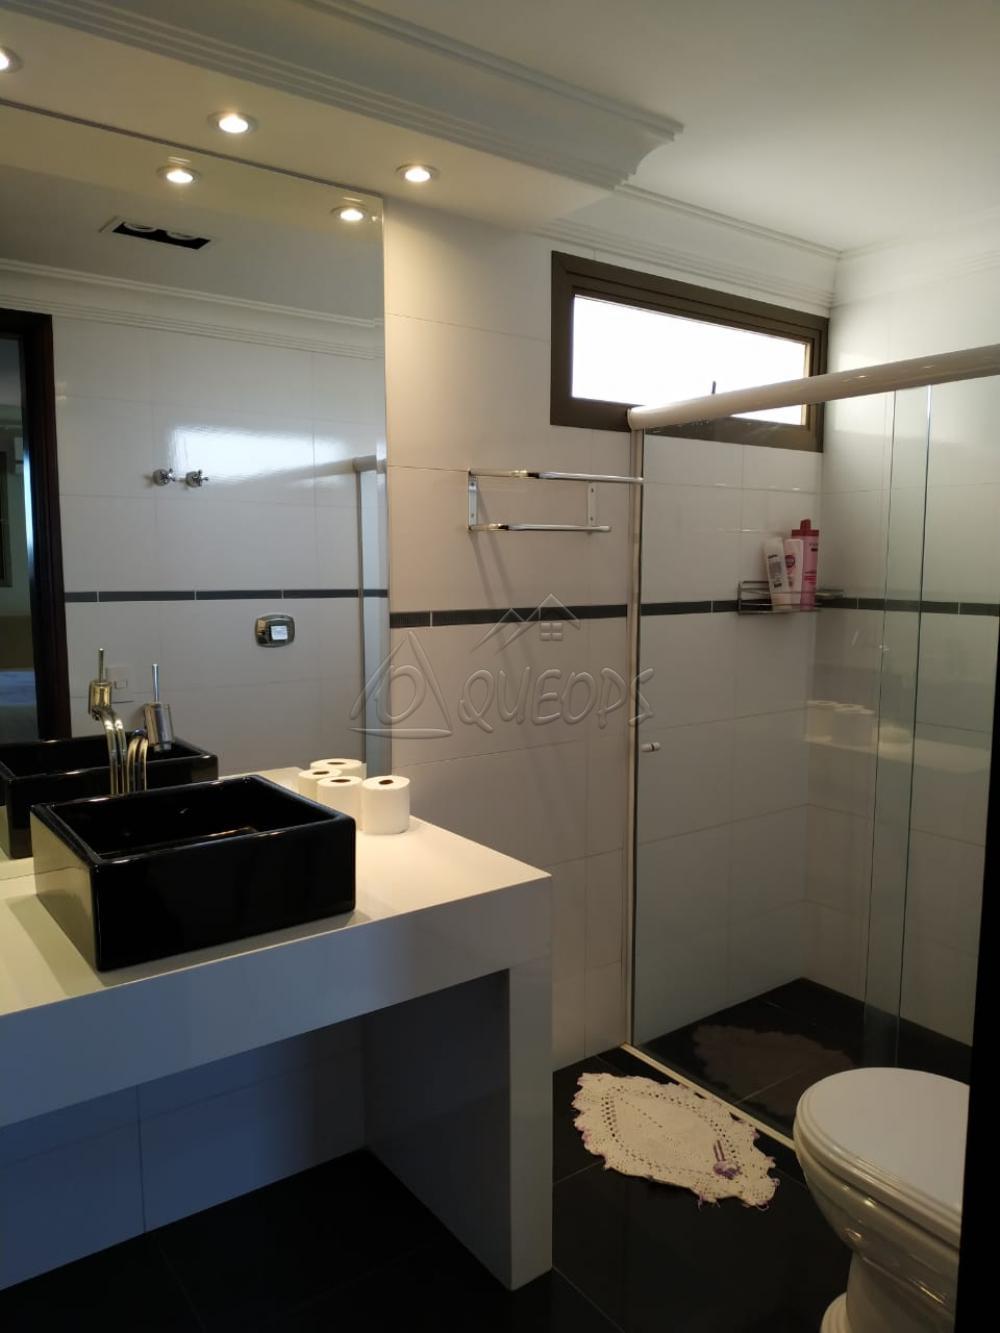 Comprar Apartamento / Padrão em Barretos apenas R$ 1.200.000,00 - Foto 21